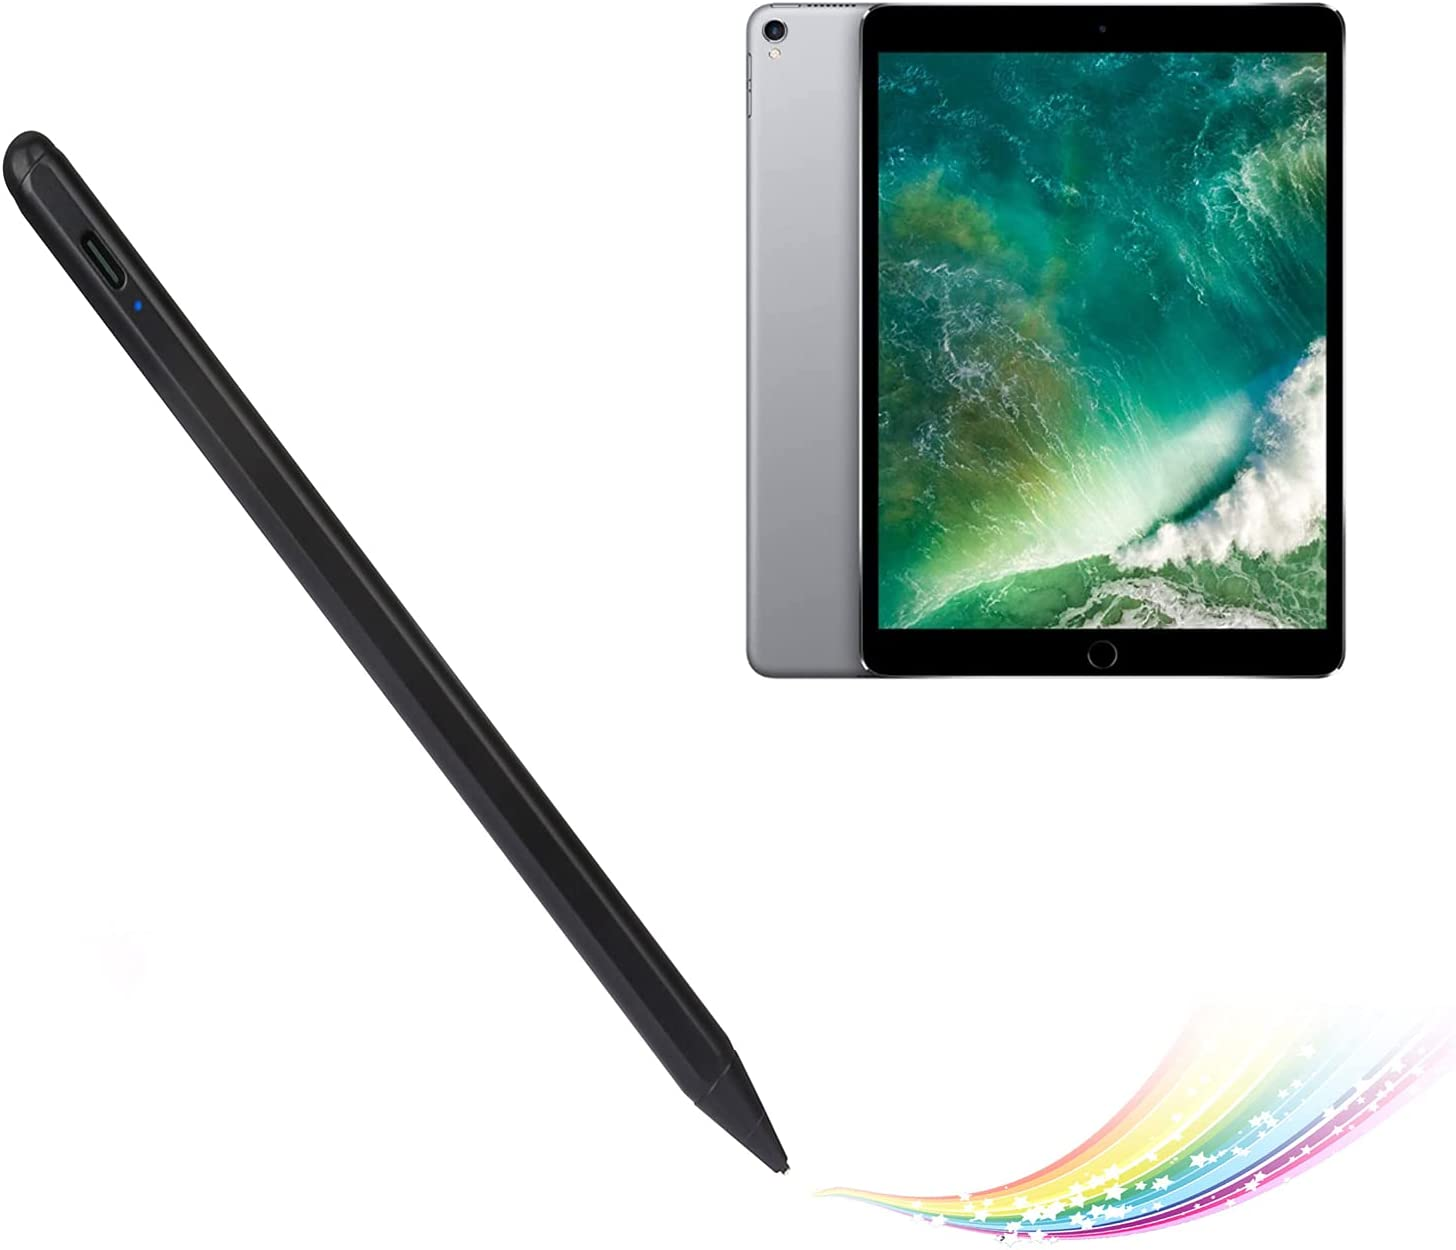 Electronic Stylus for iPad Pro 10.5